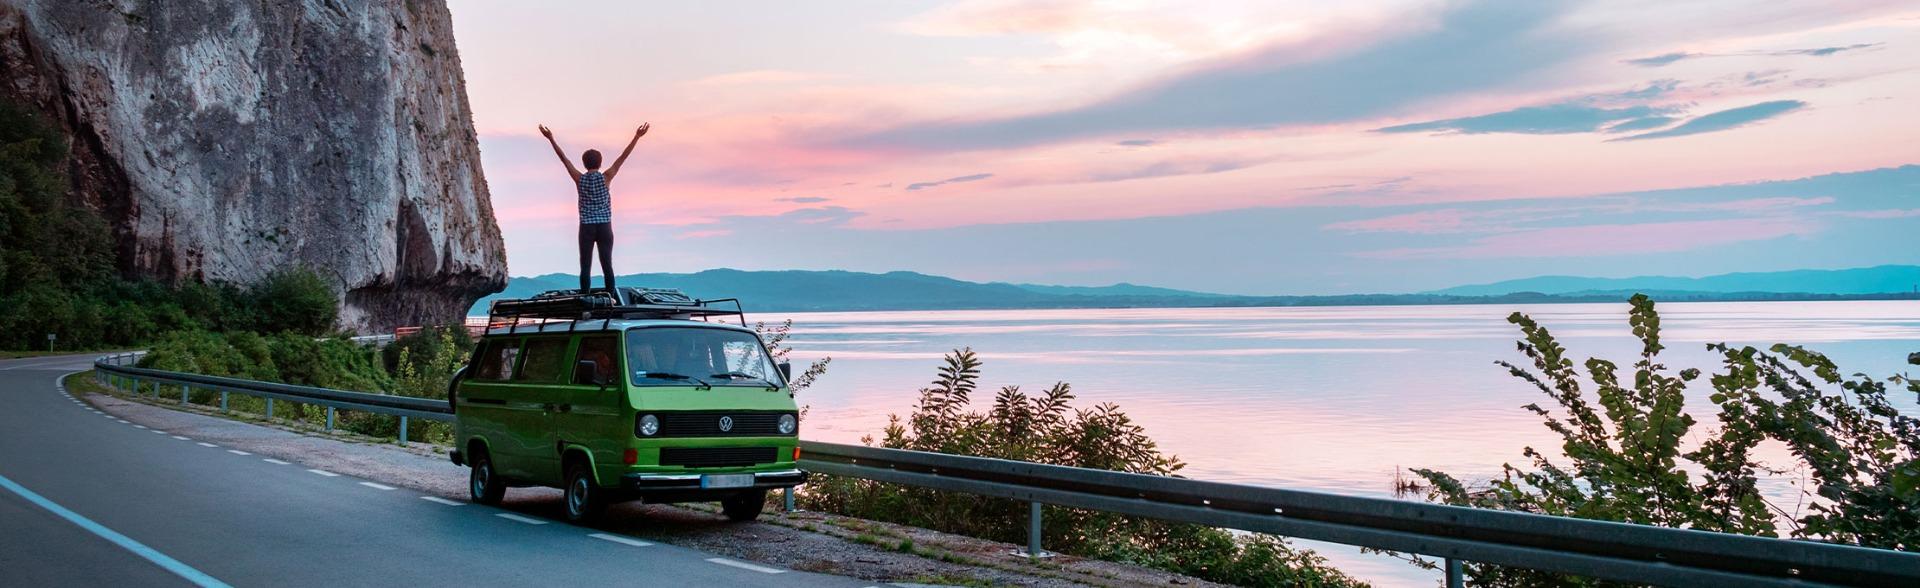 Camping car et courant instable : S'équiper d'un régulateur de tension